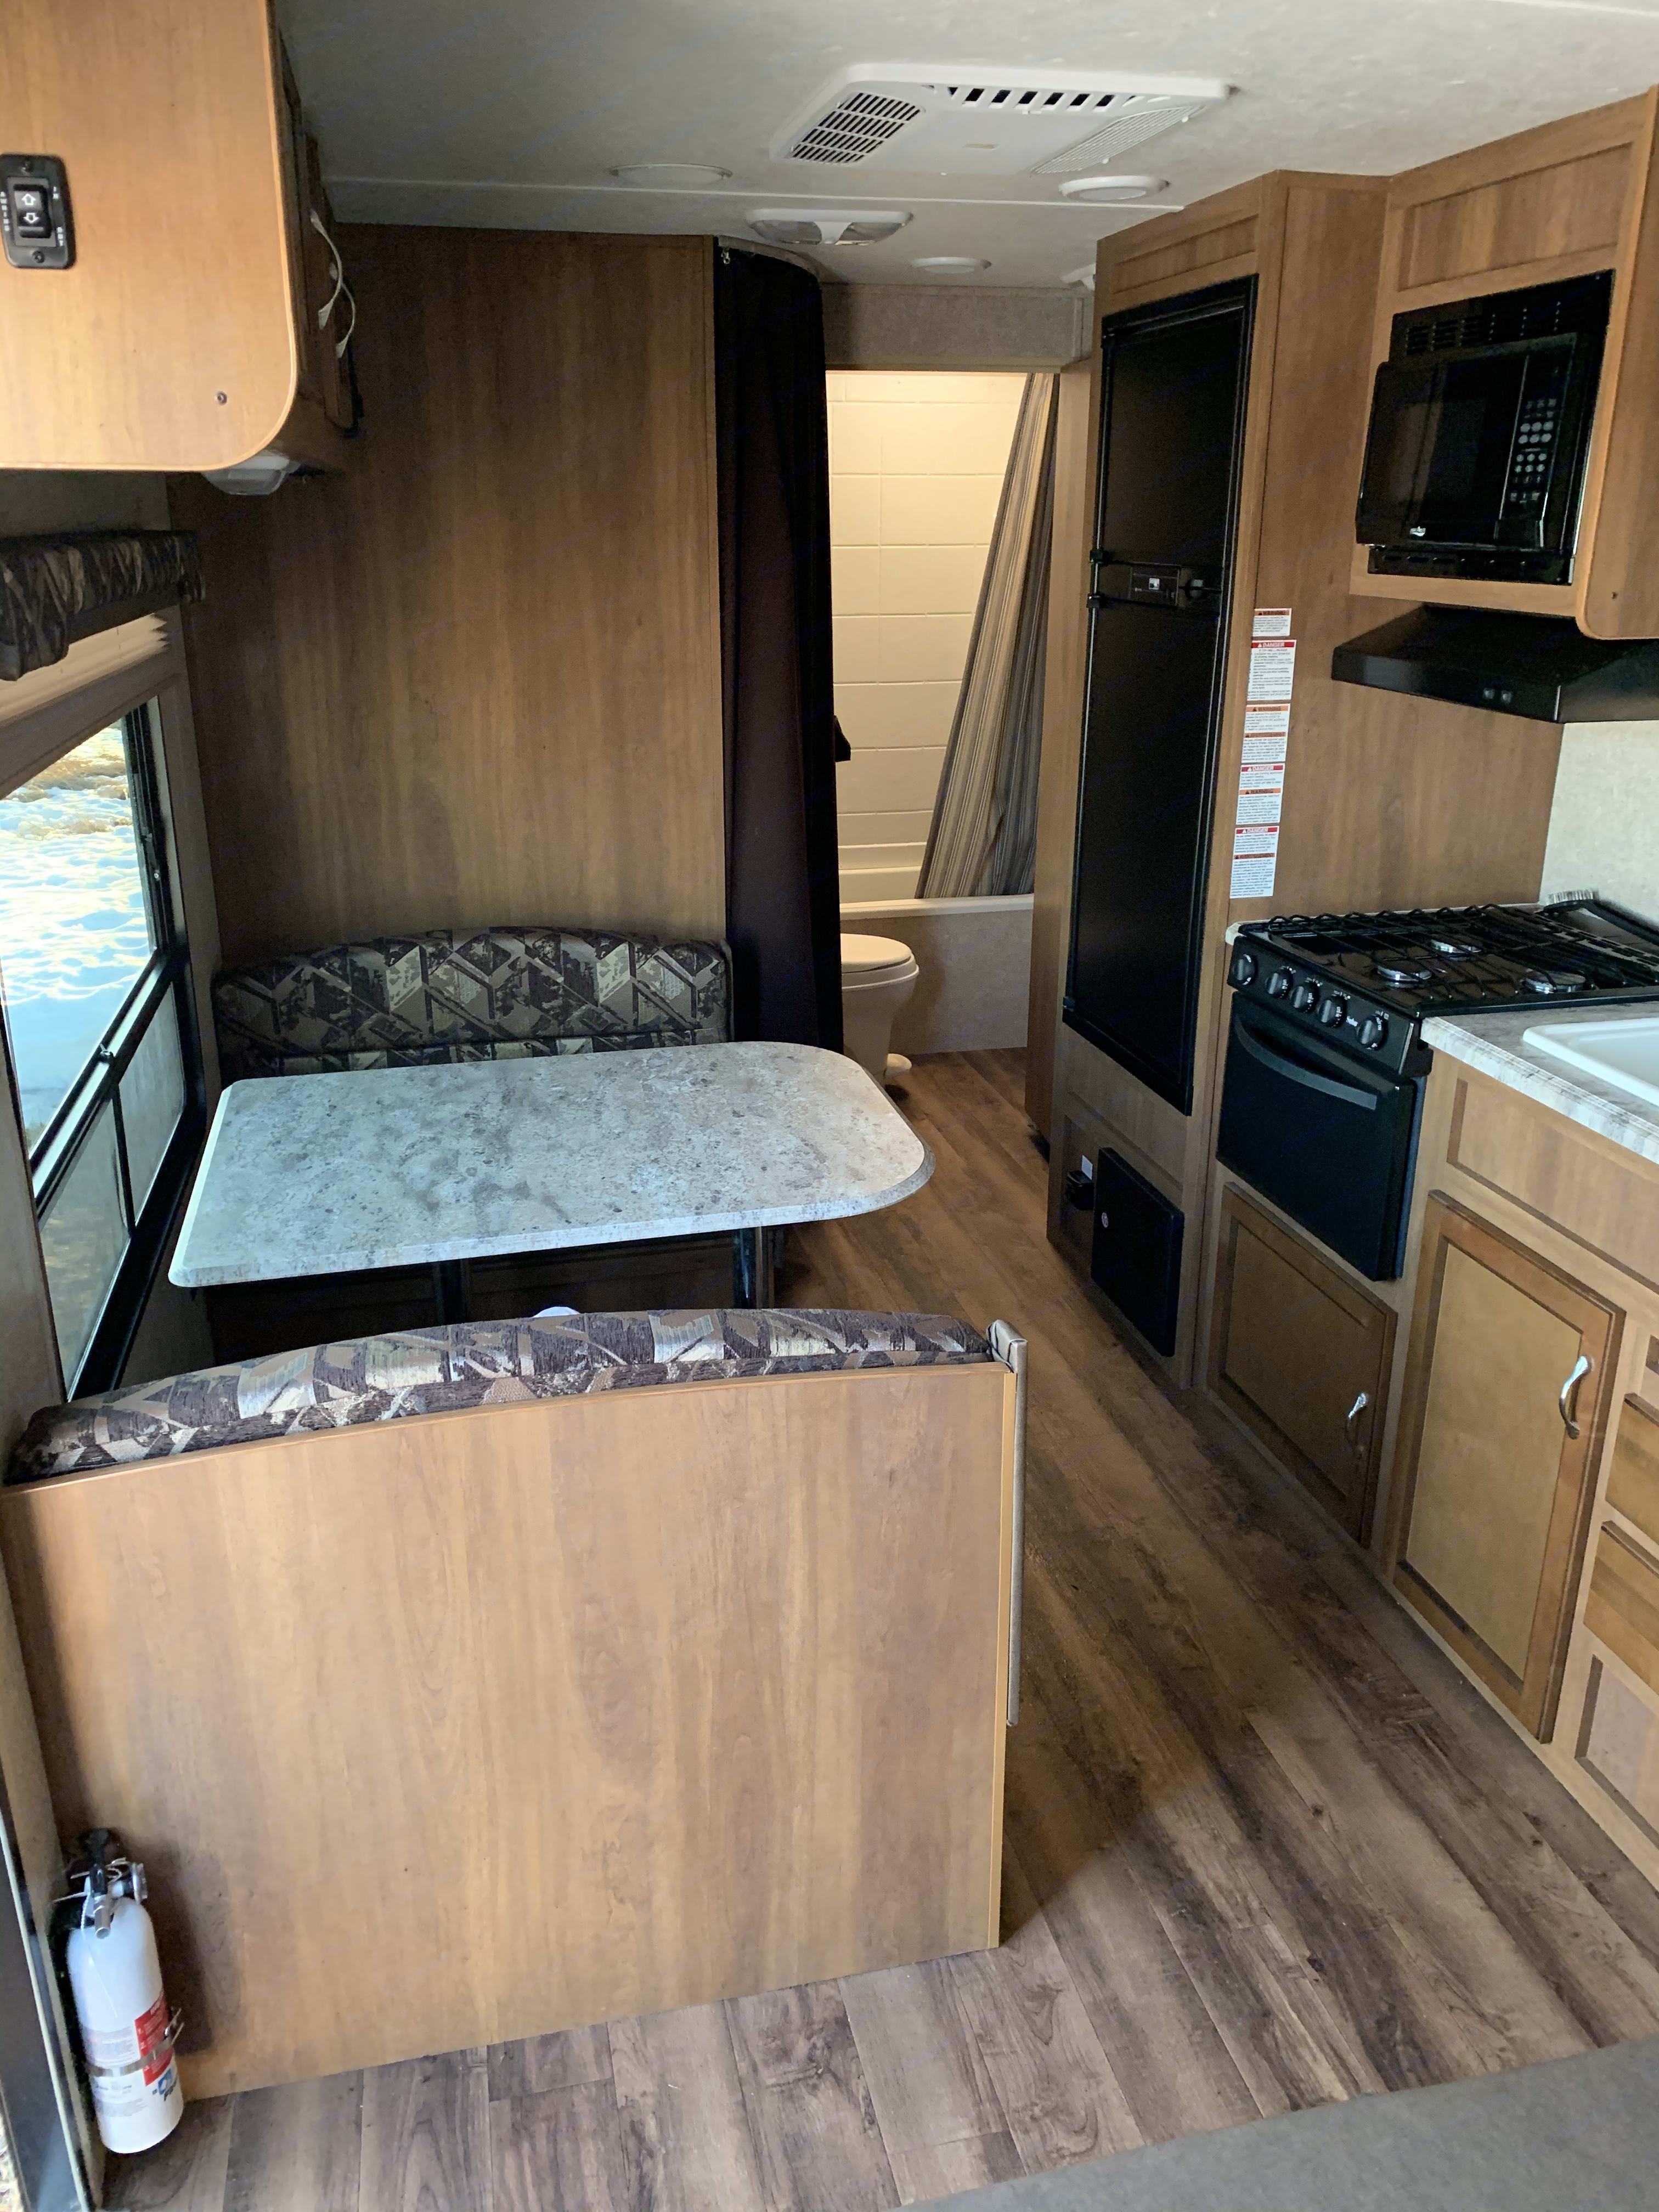 Spacious kitchen area. Coachmen Catalina 2017